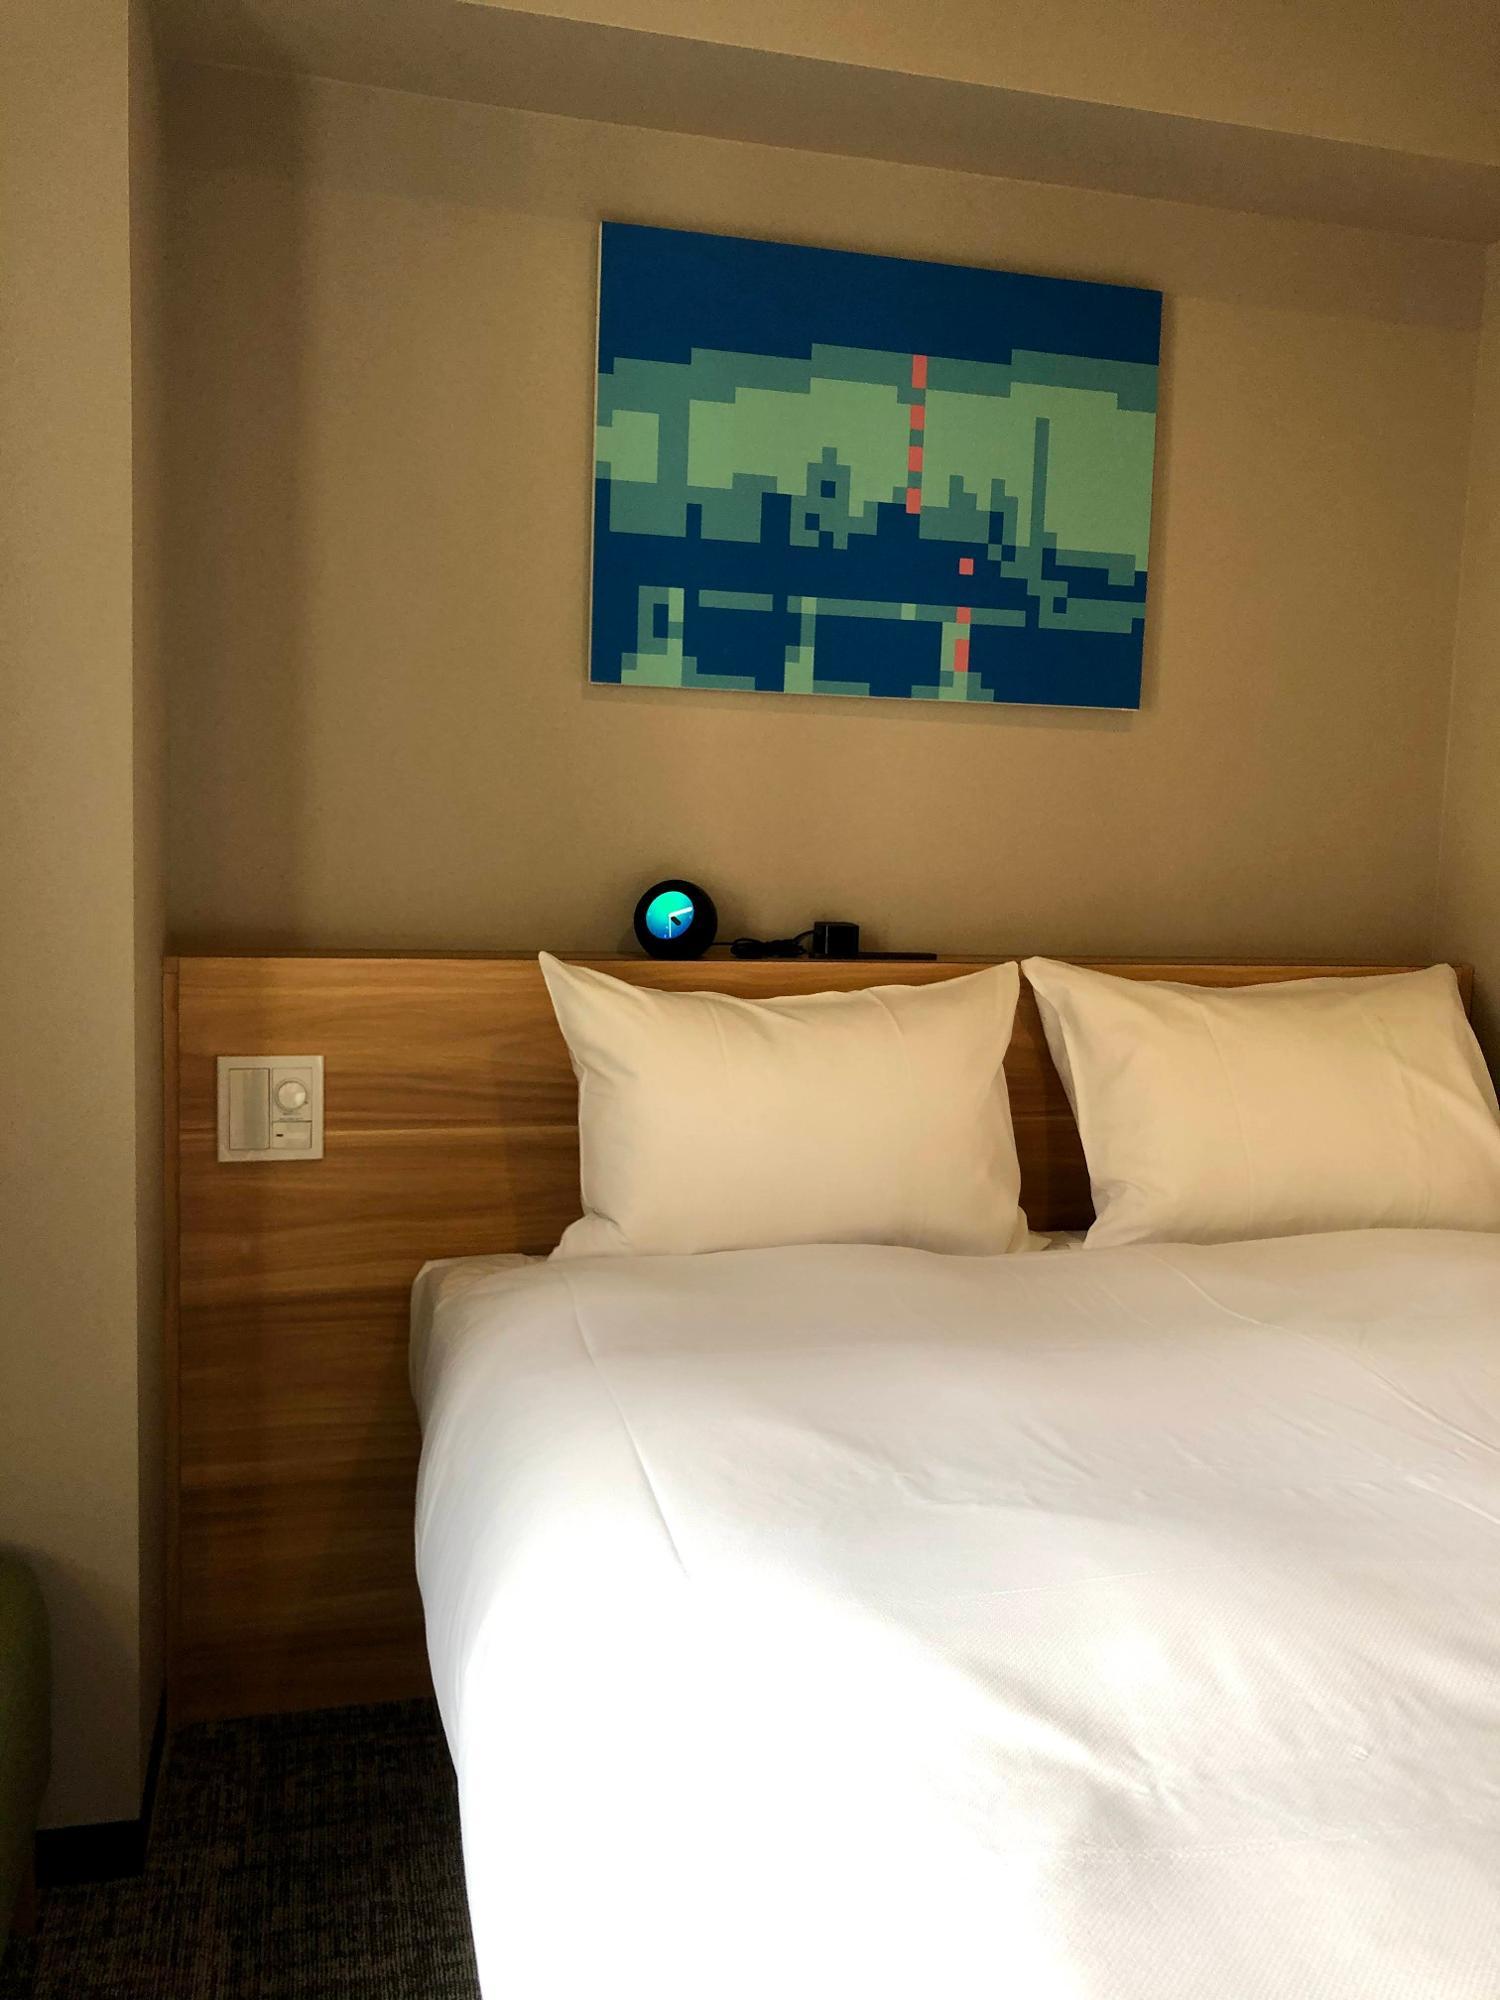 2日間にわたって取材しているので、これは302号室ではなく向かい側の部屋のベッド